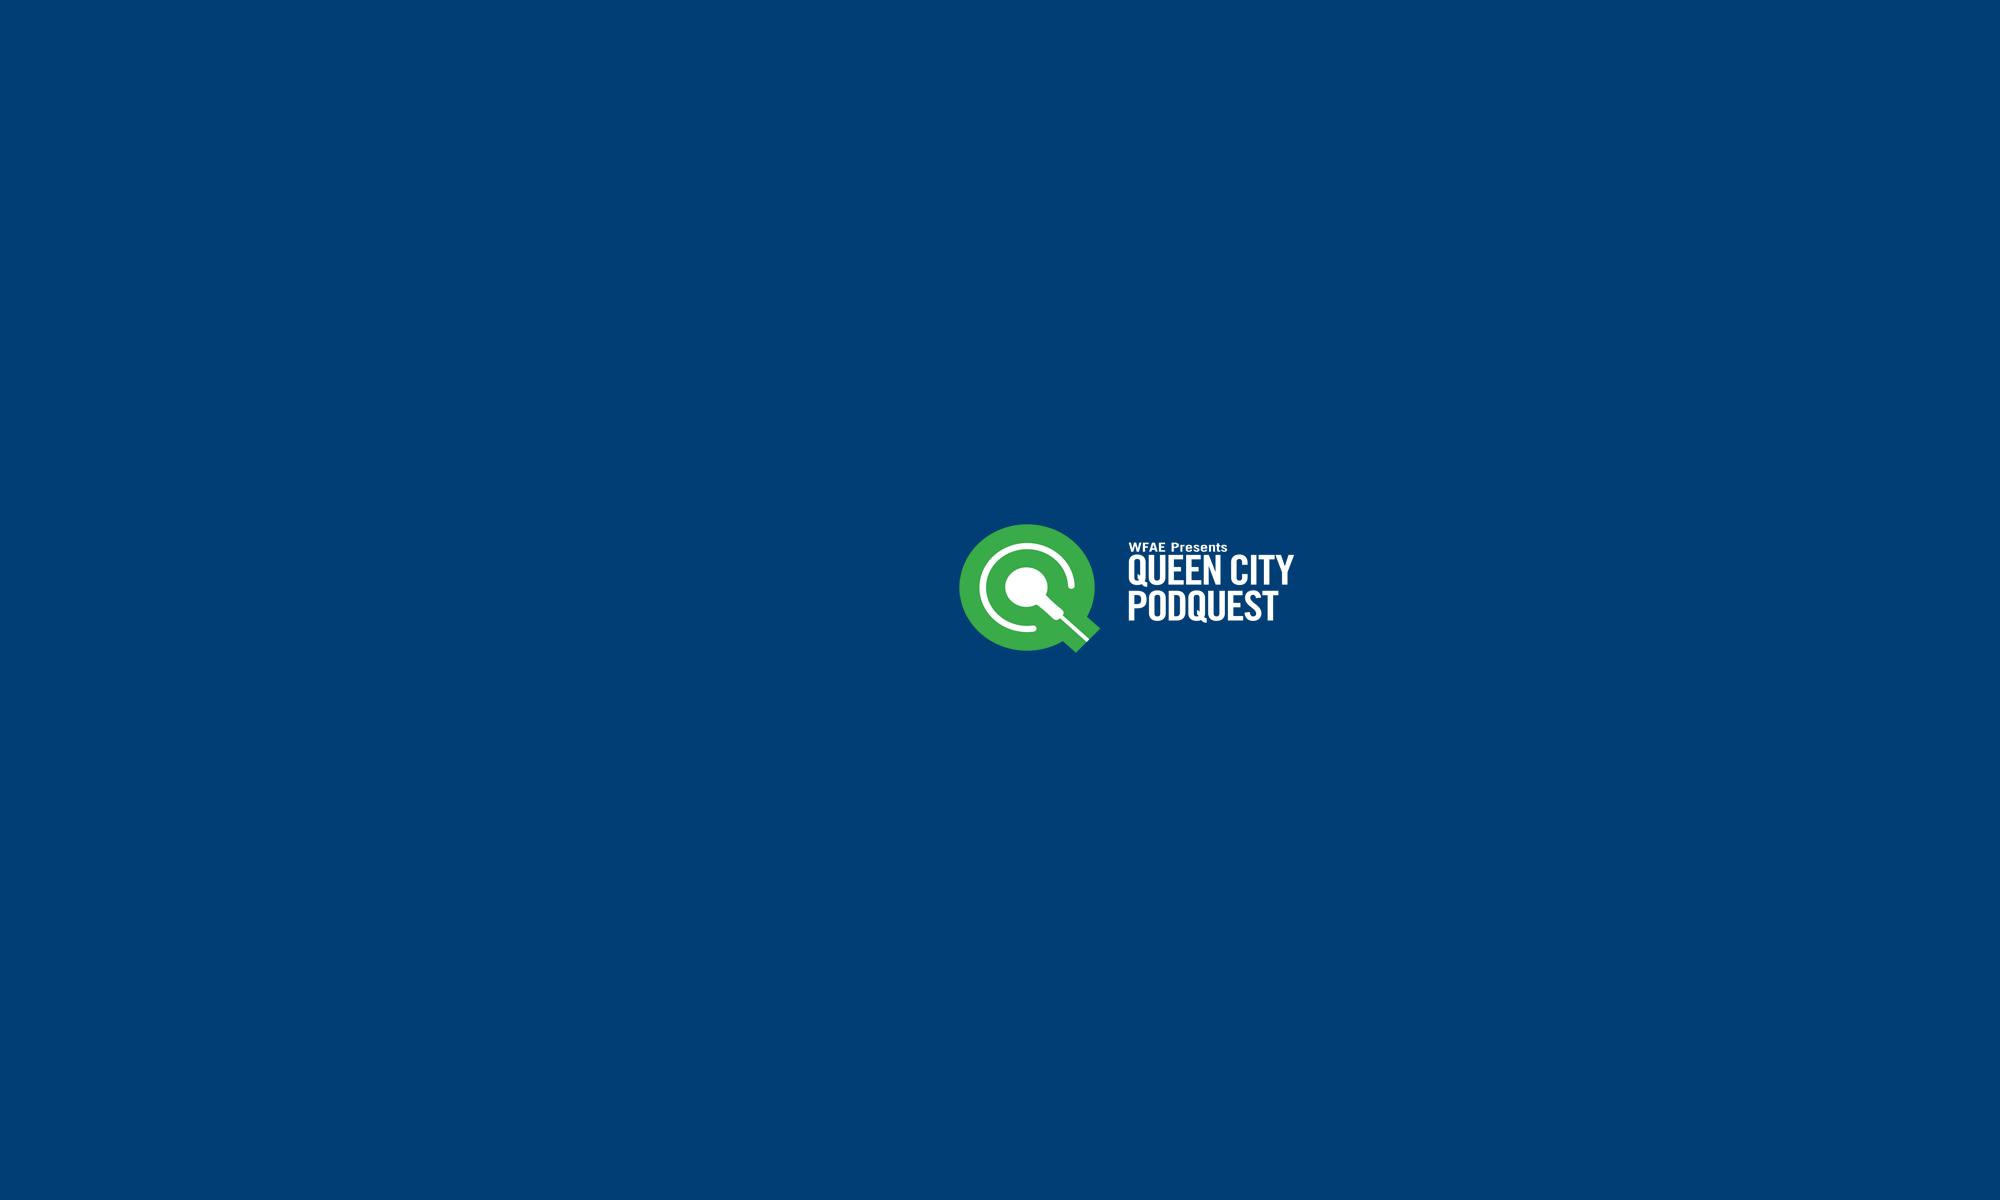 Queen City PodQuest